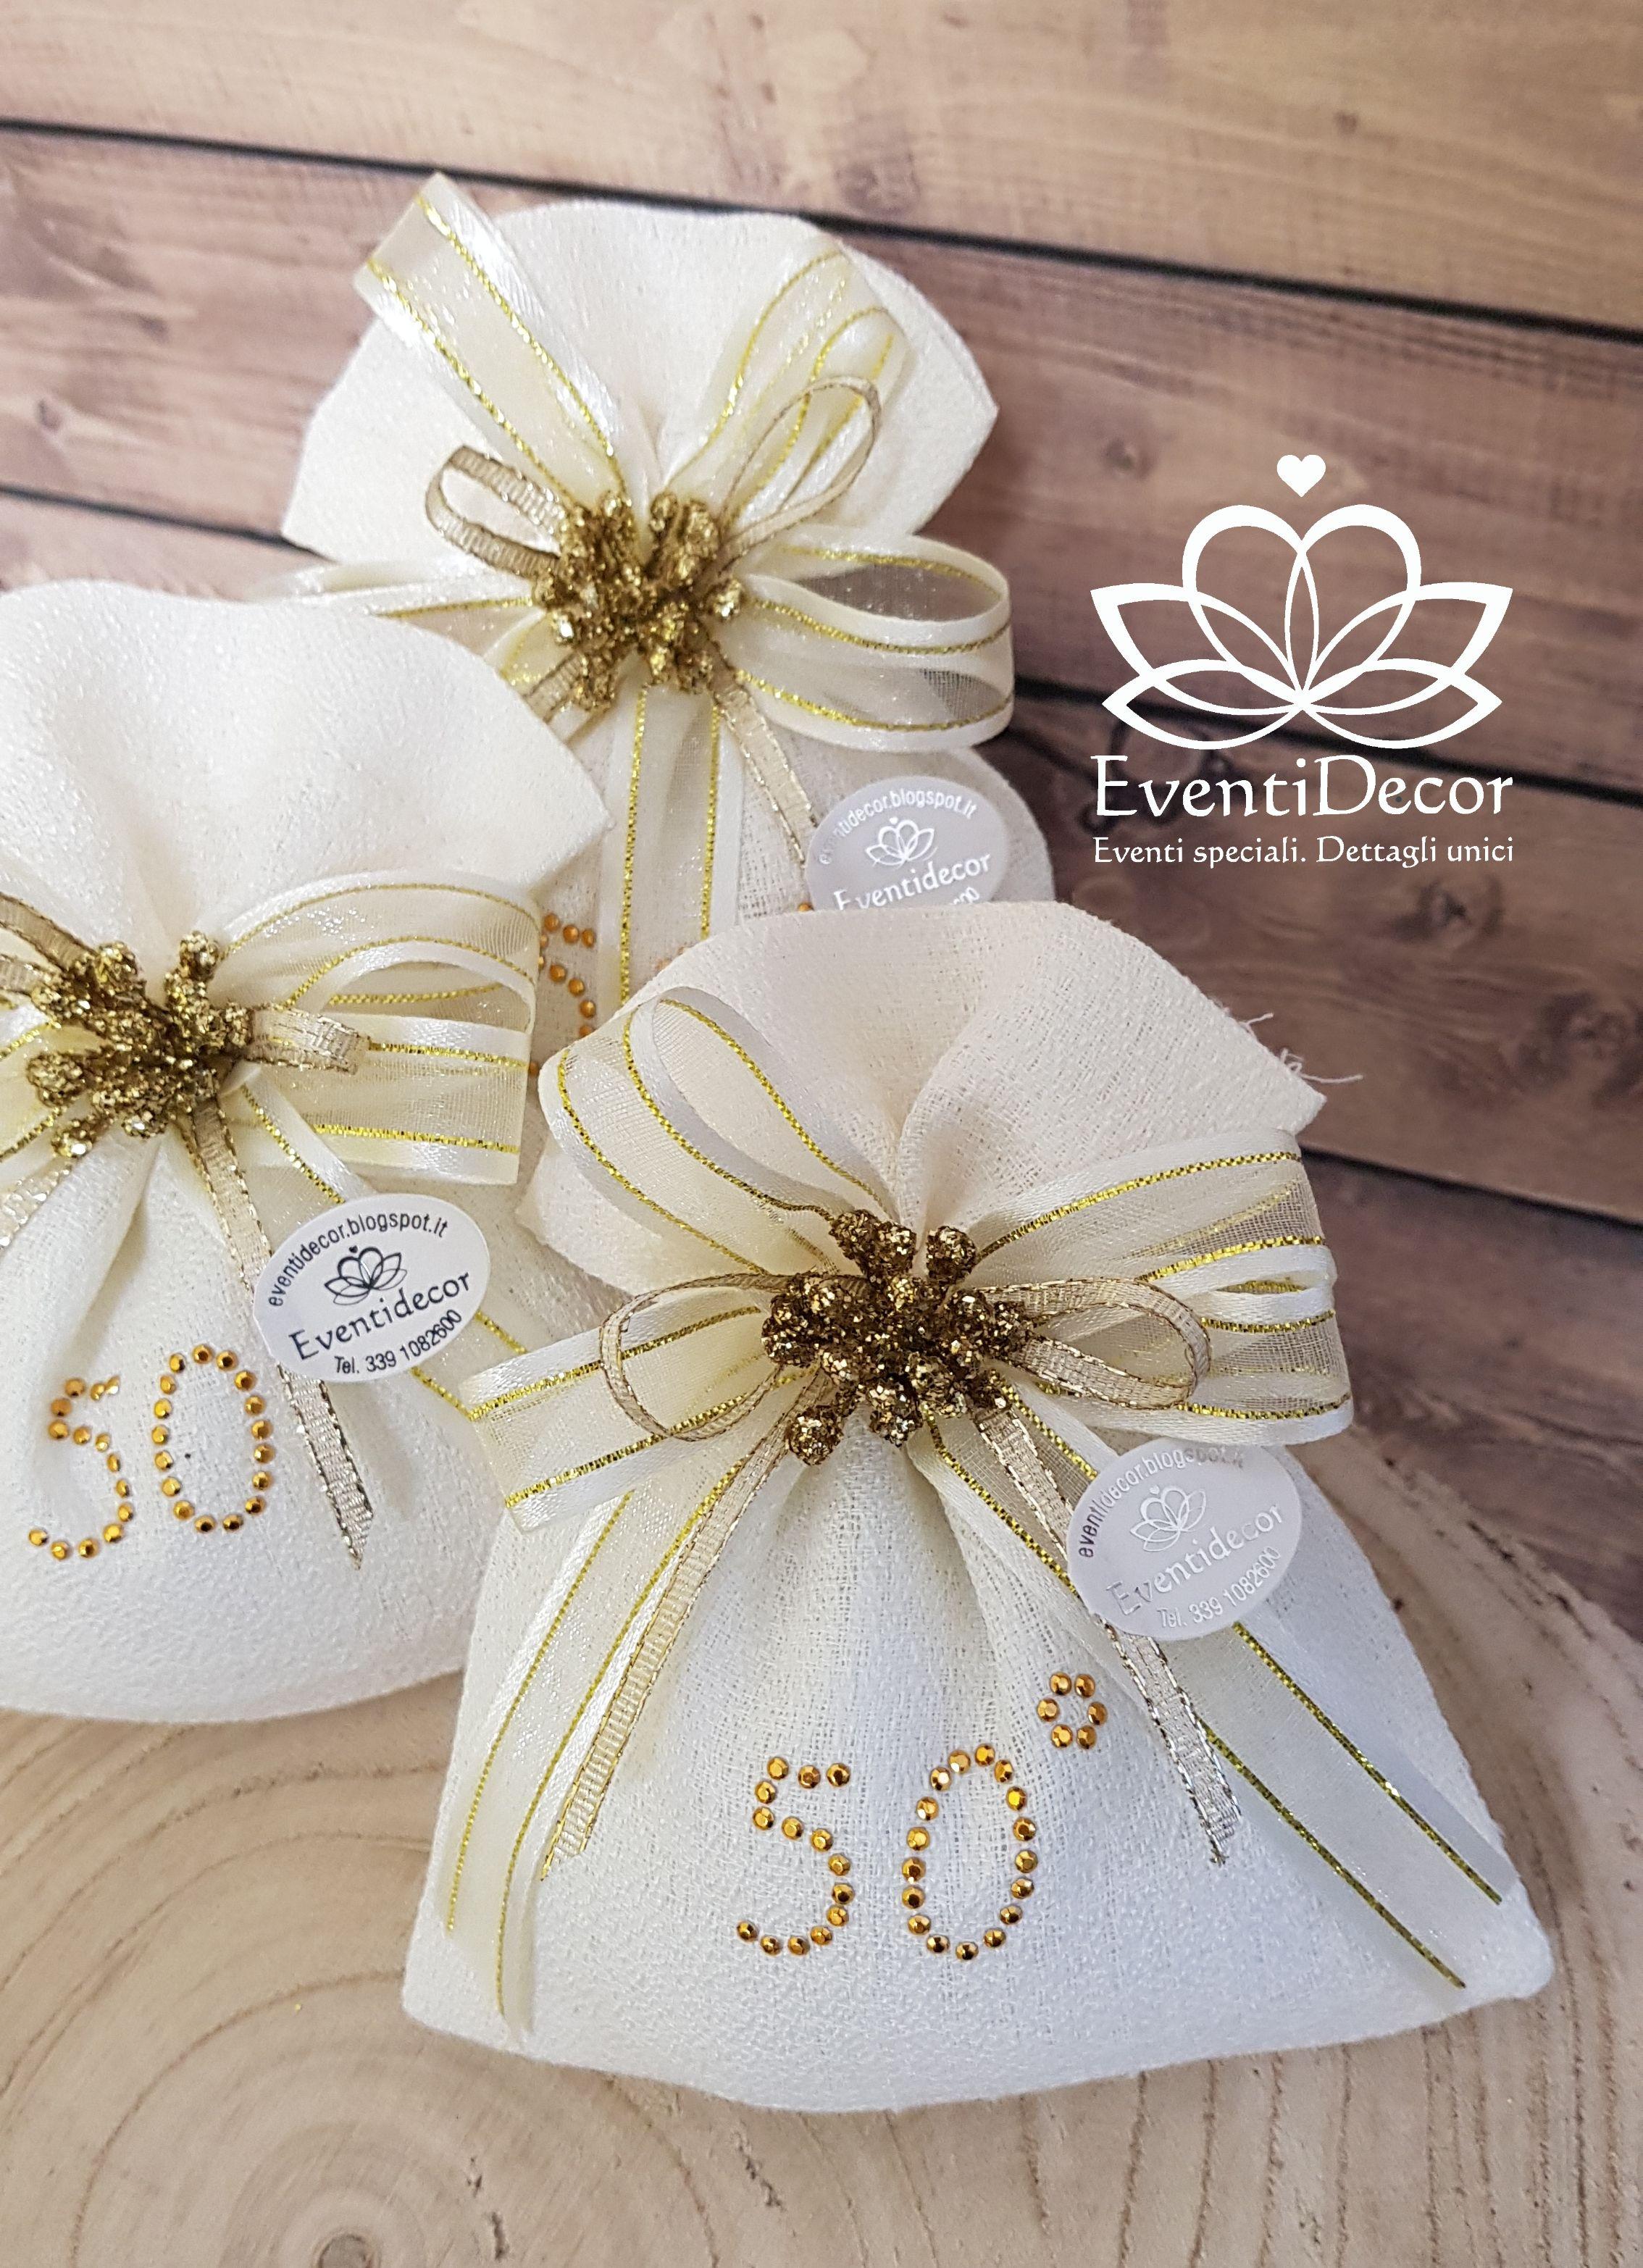 Bomboniera Completa Sacchetto Borchie 50 Nozze D Oro 50 Anniversario Confetti Nel 2020 Nozze D Oro Nozze 50 Anniversario